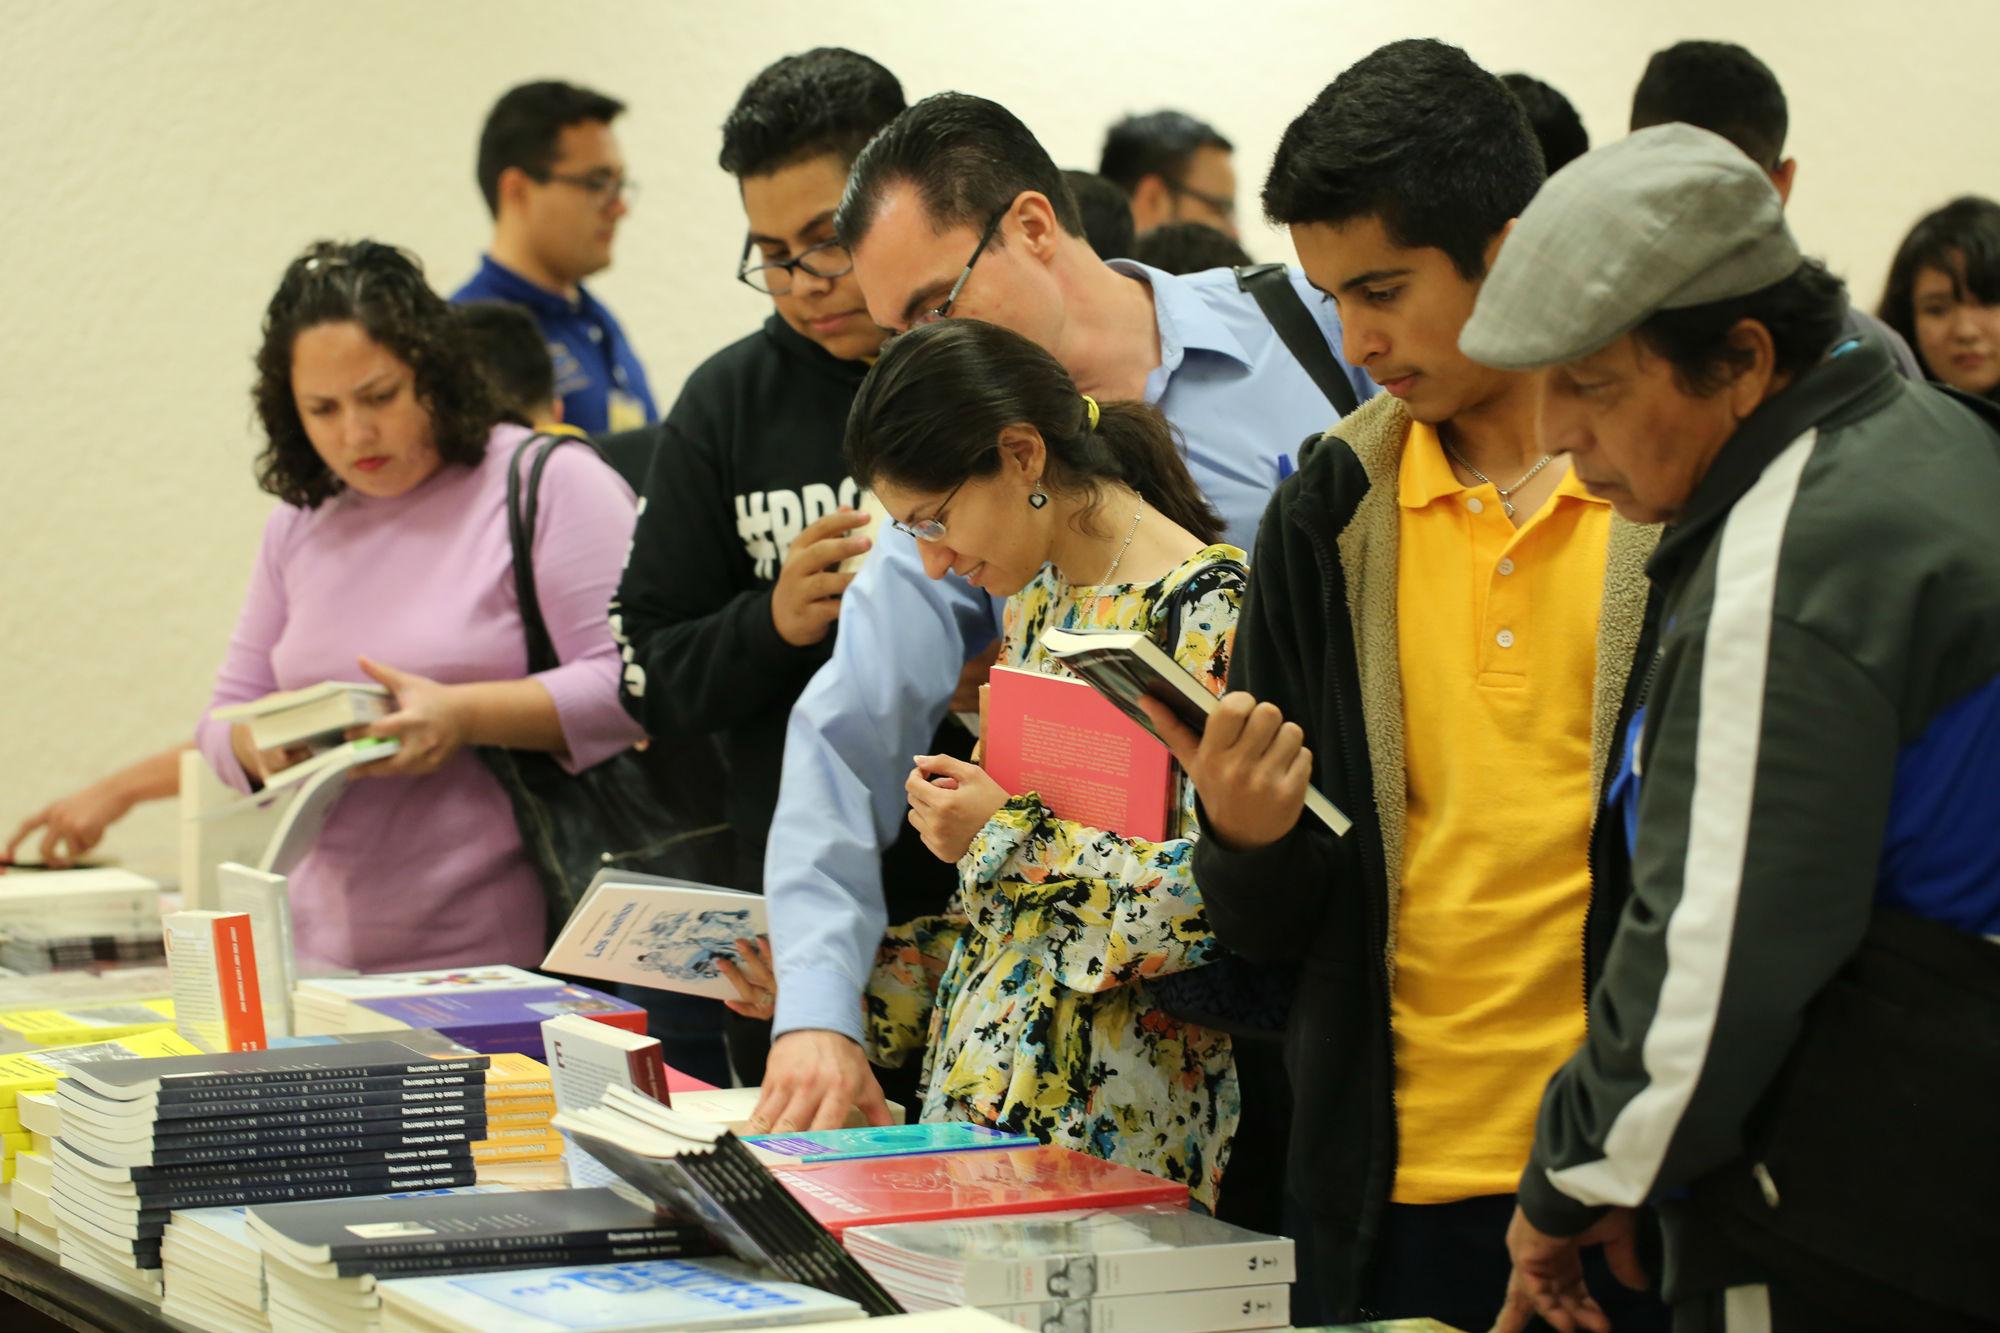 Se regalaron libros a los asistentes así como se pusieron algunos a la venta